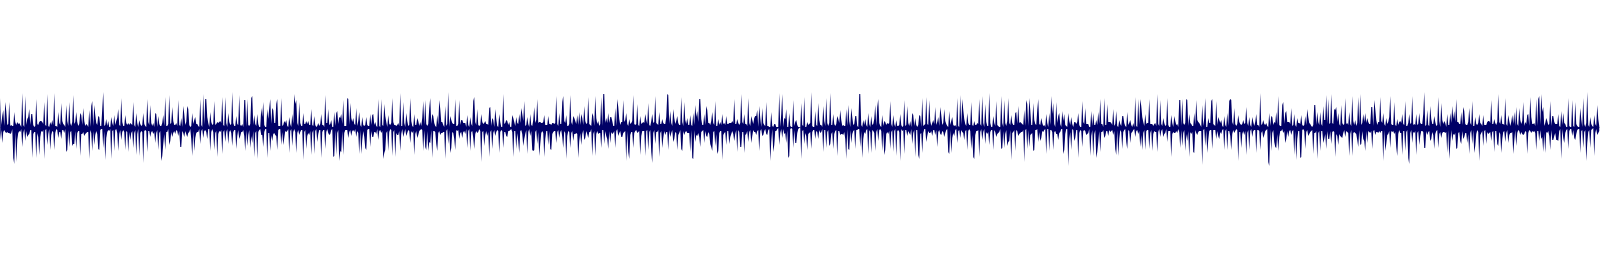 waveform of track #134777